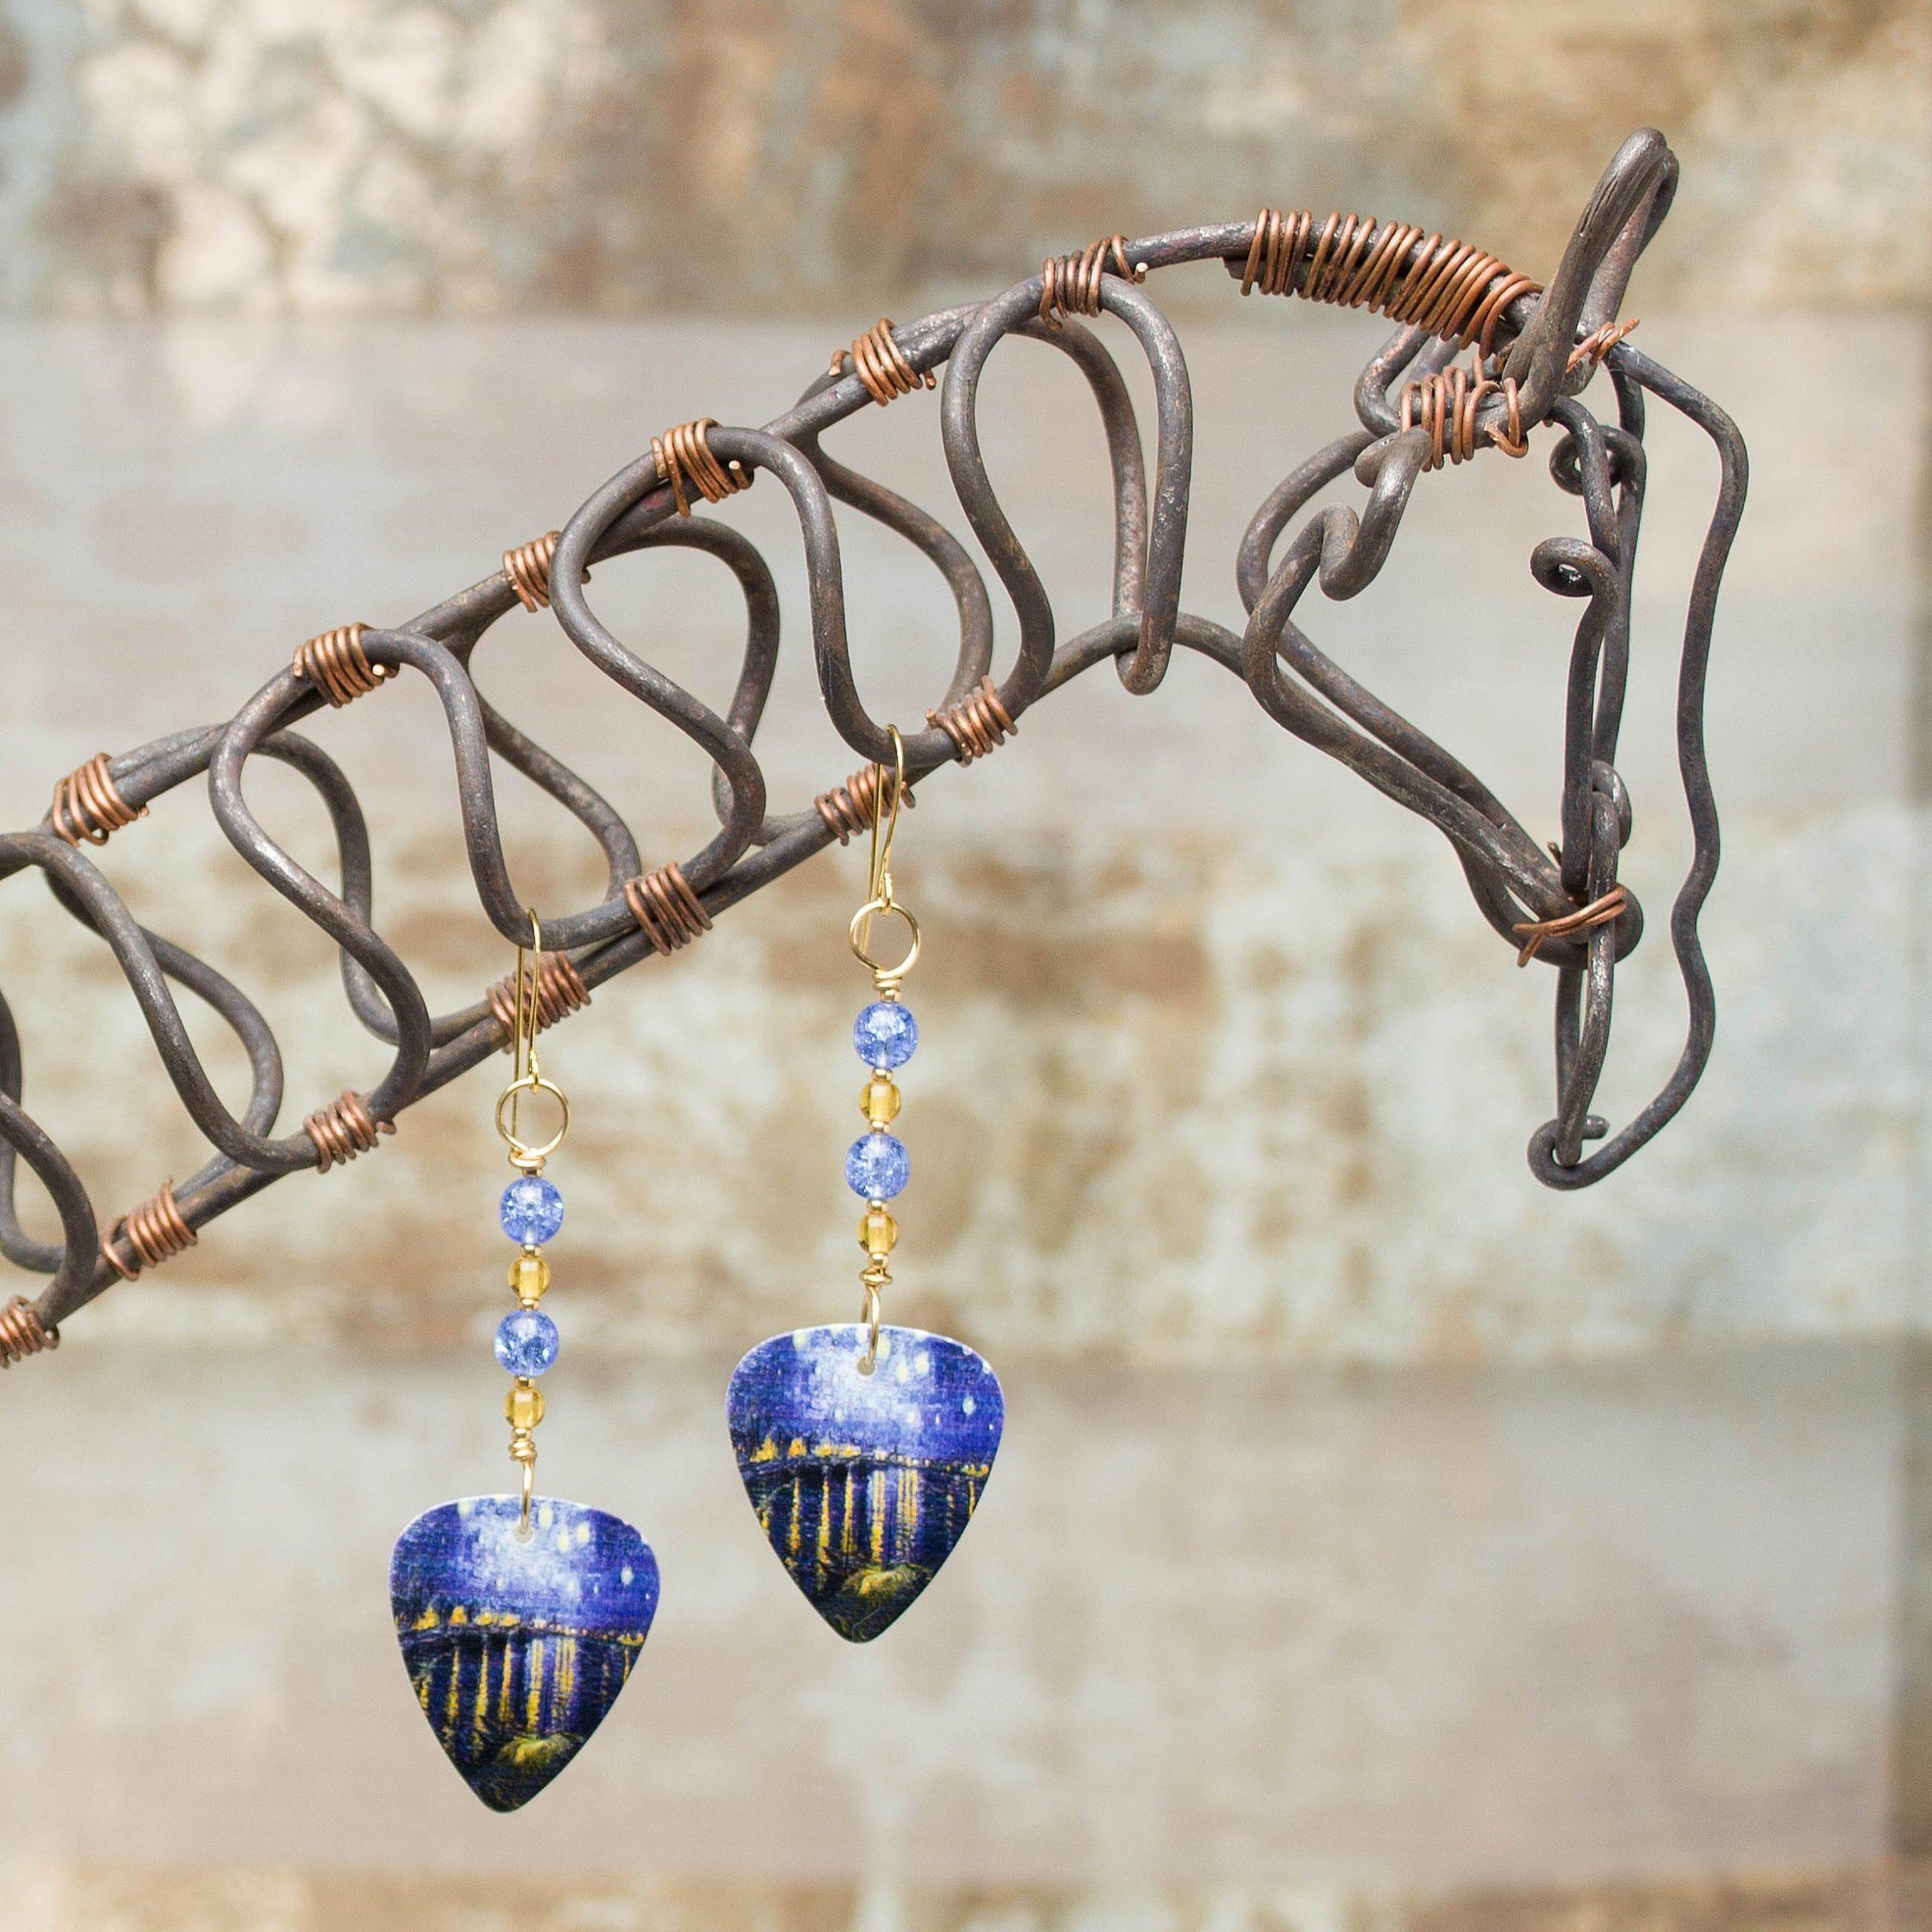 Mystic Blues Necklace